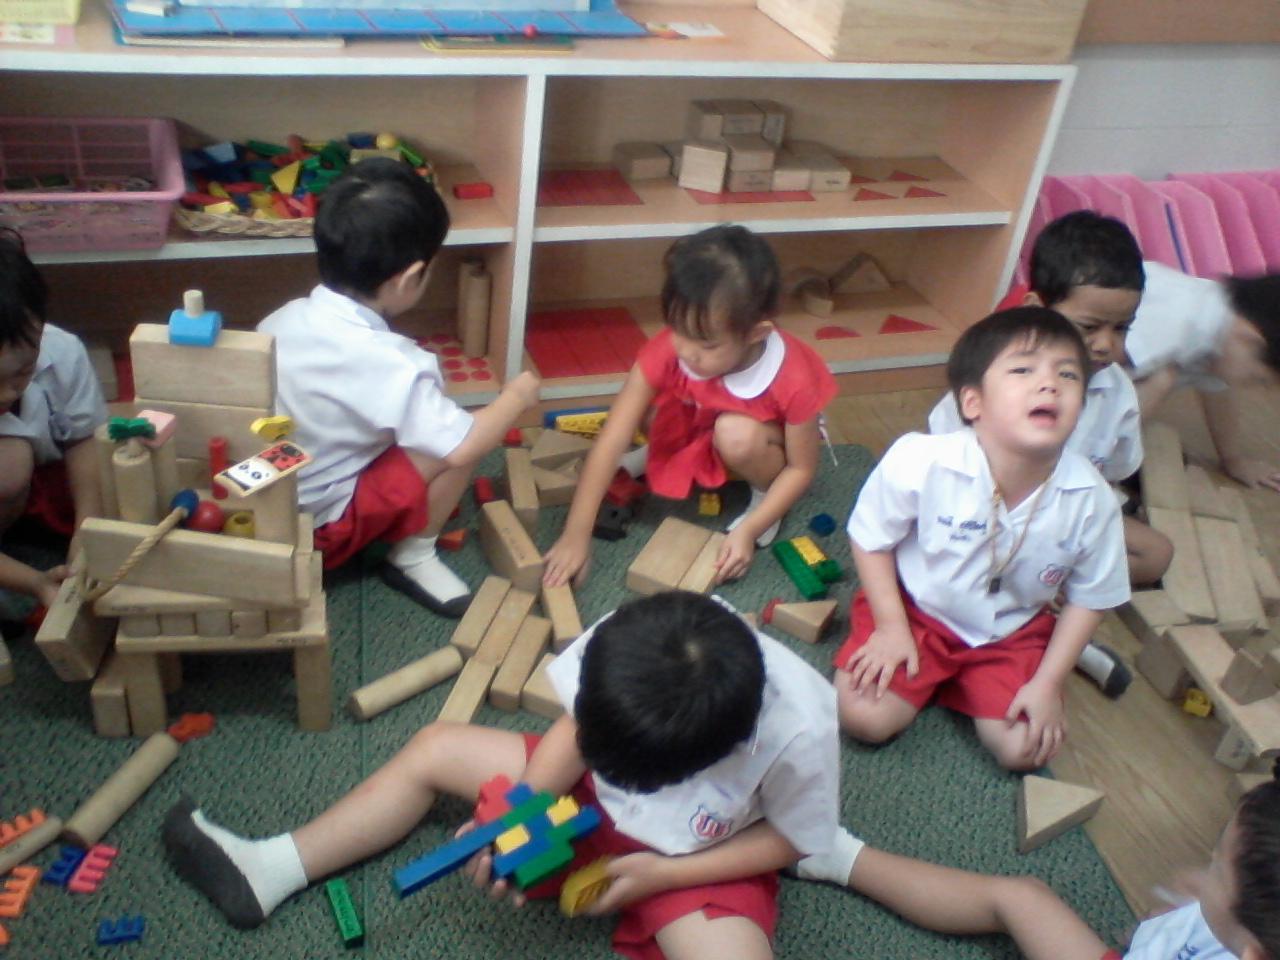 เด็ก ๆ แบ่งปันของเล่นกัน